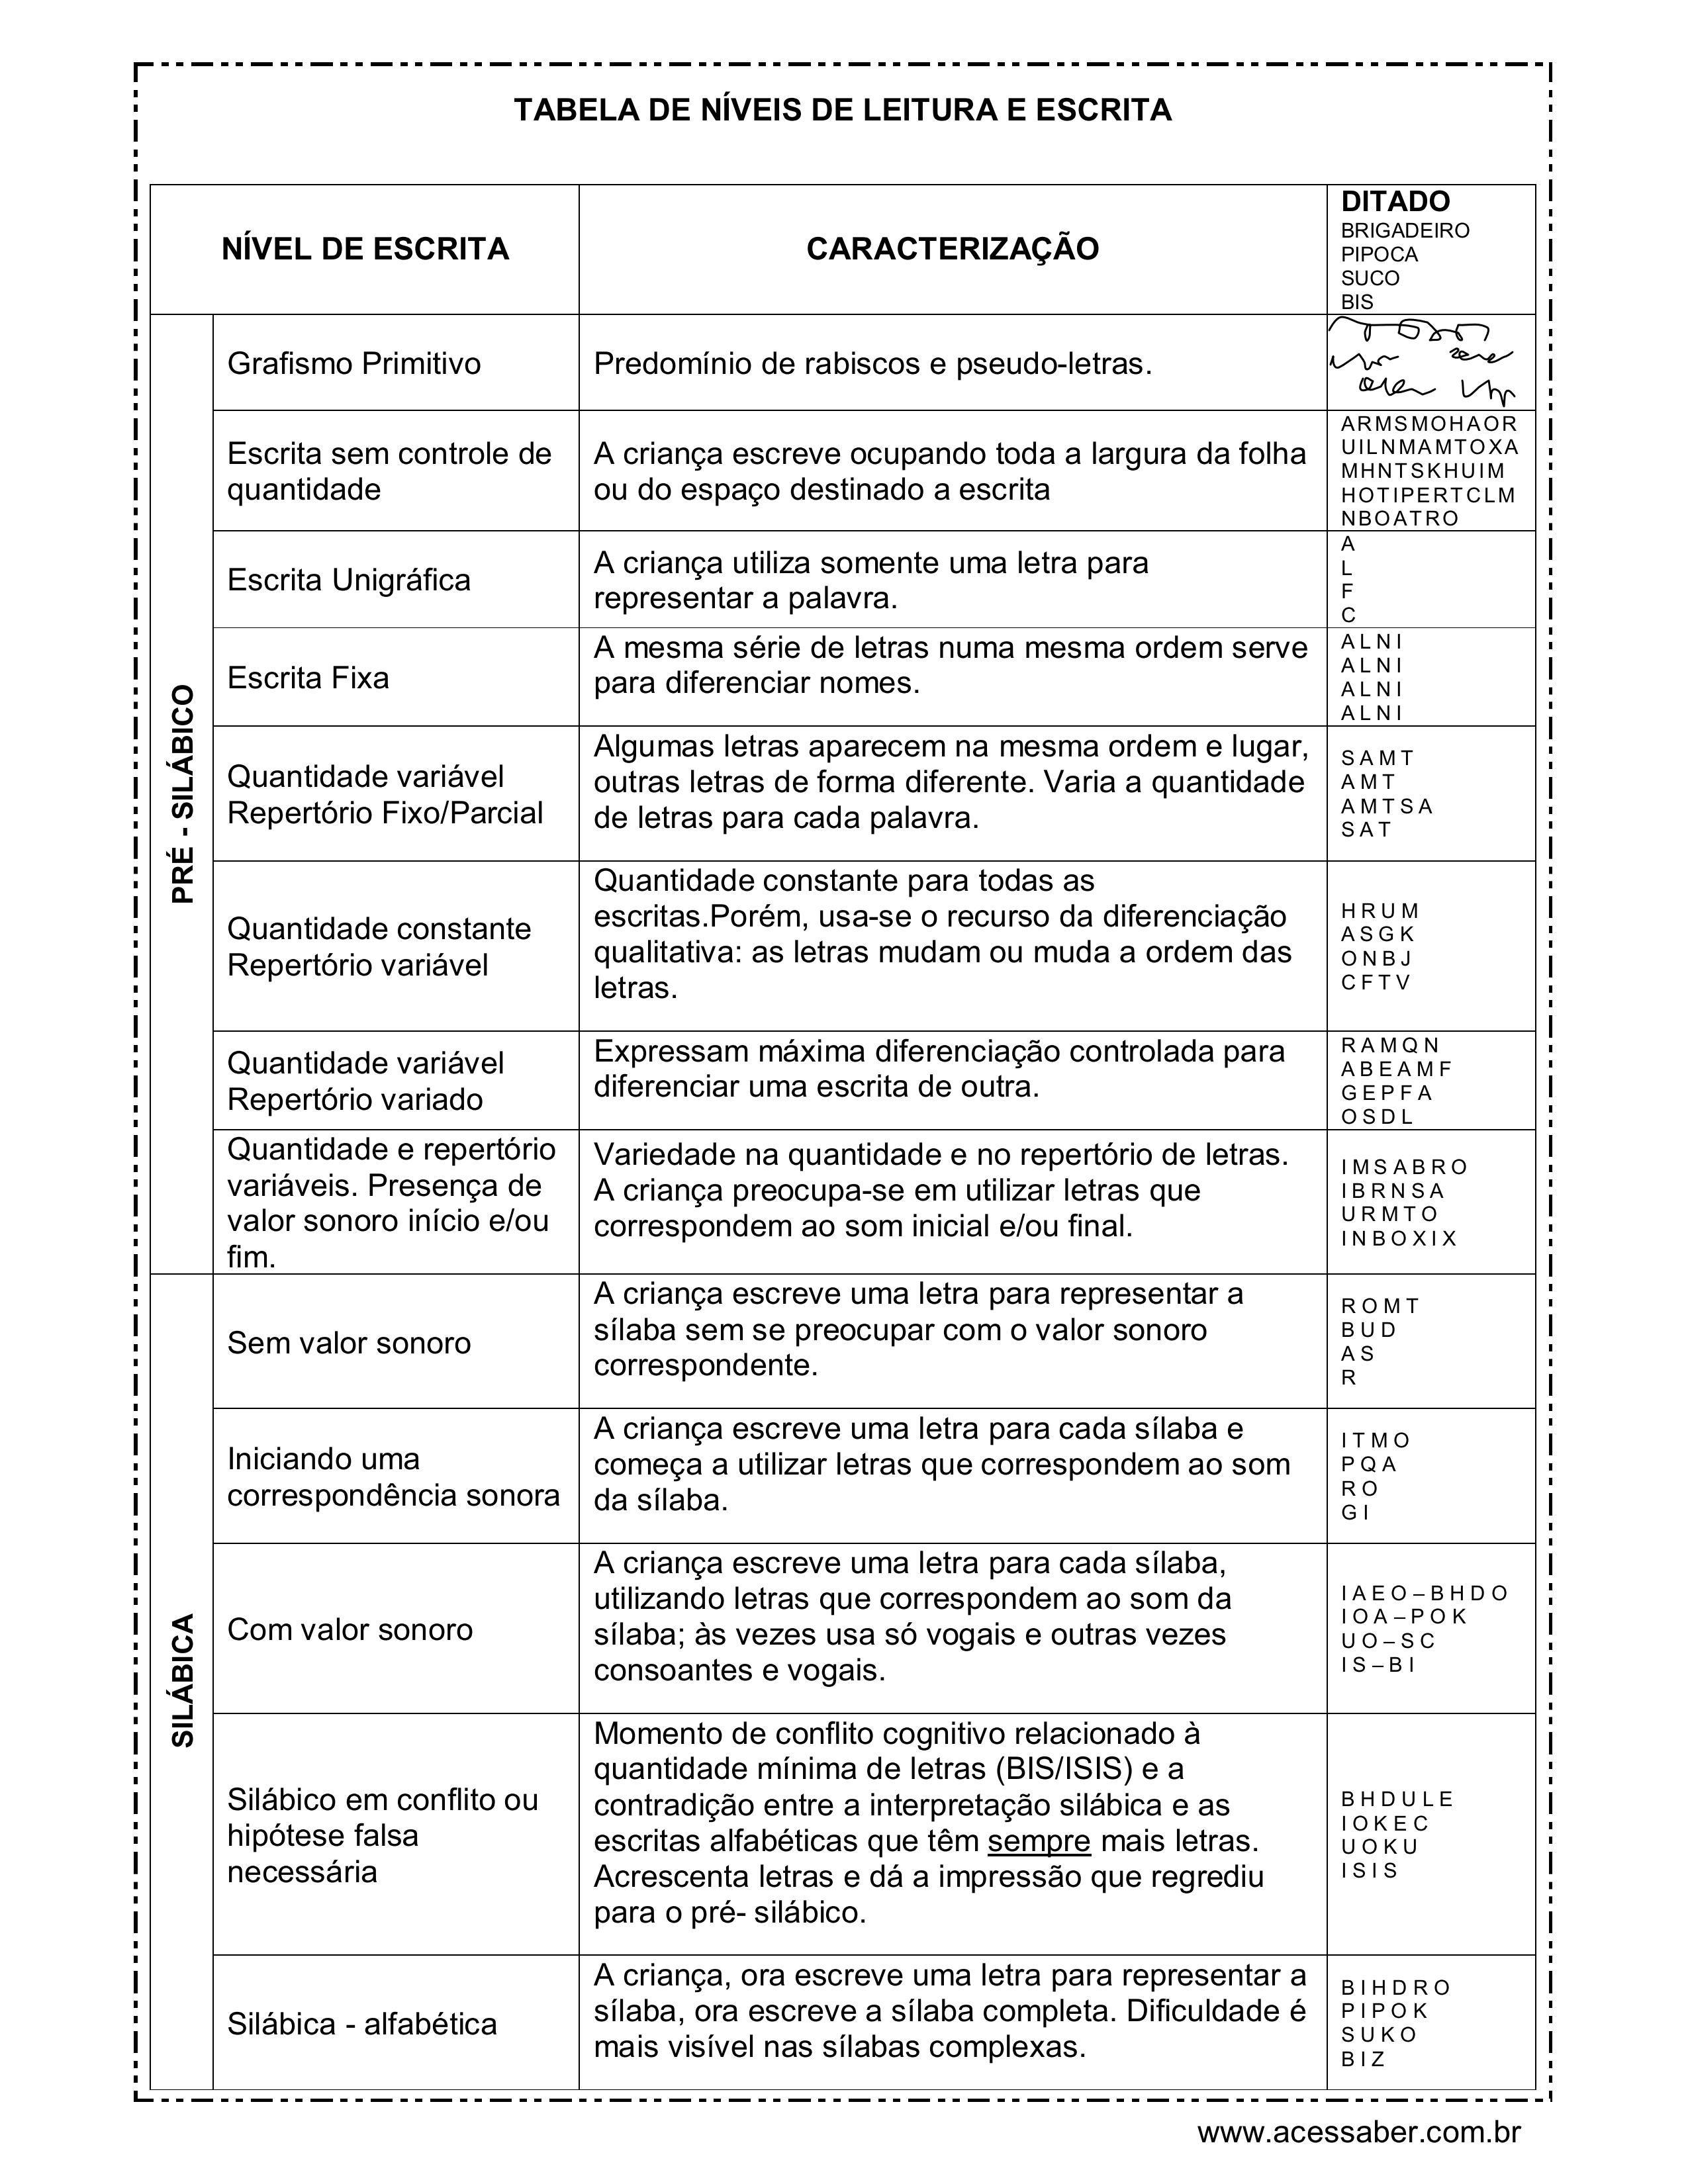 Tabela De Niveis De Leitura E Escrita 01 Jpg 2550 3300 Com